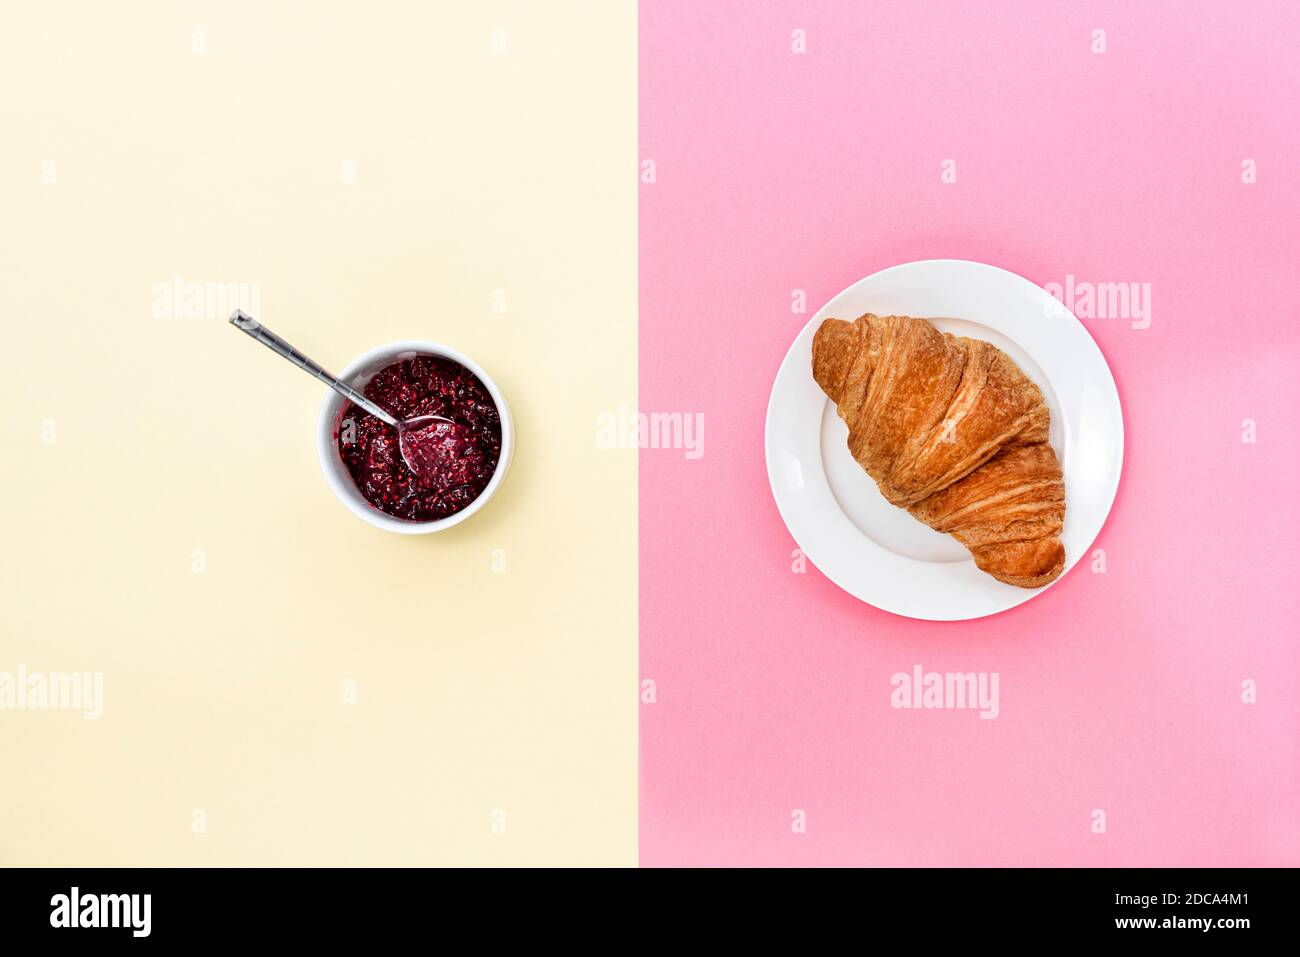 Croissant und eine Kanne Marmelade auf einem gespaltenen rosa und cremefarbenen Hintergrund. Stockfoto